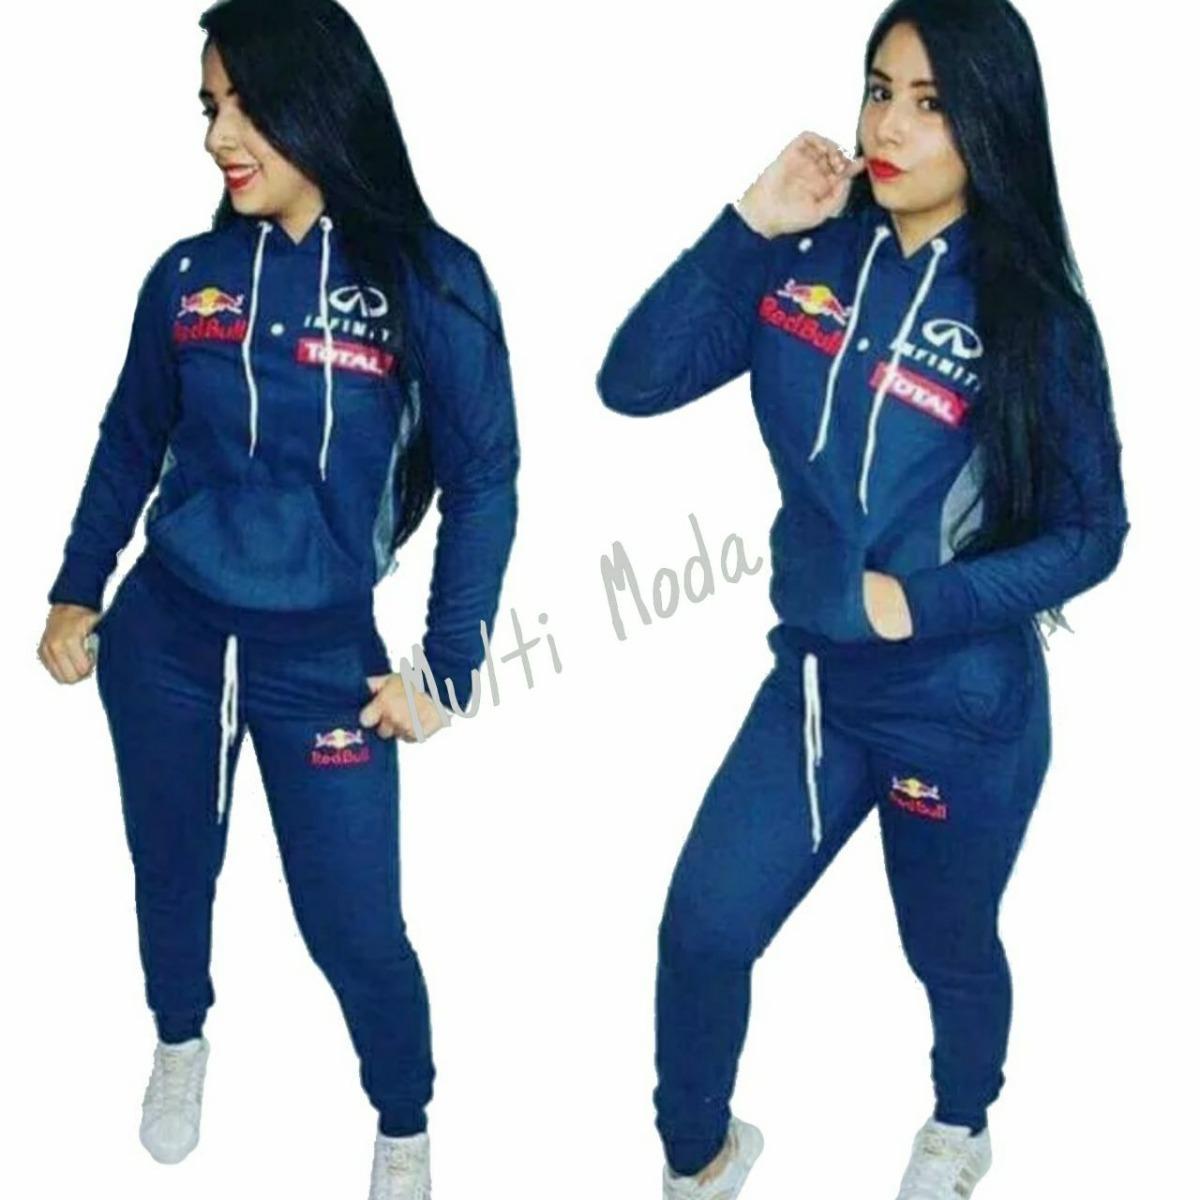 151ae96b1535f Características. Marca Outros  Modelo Conjunto Moletom Feminino Red Bull  Blusa com Capuz e Calça